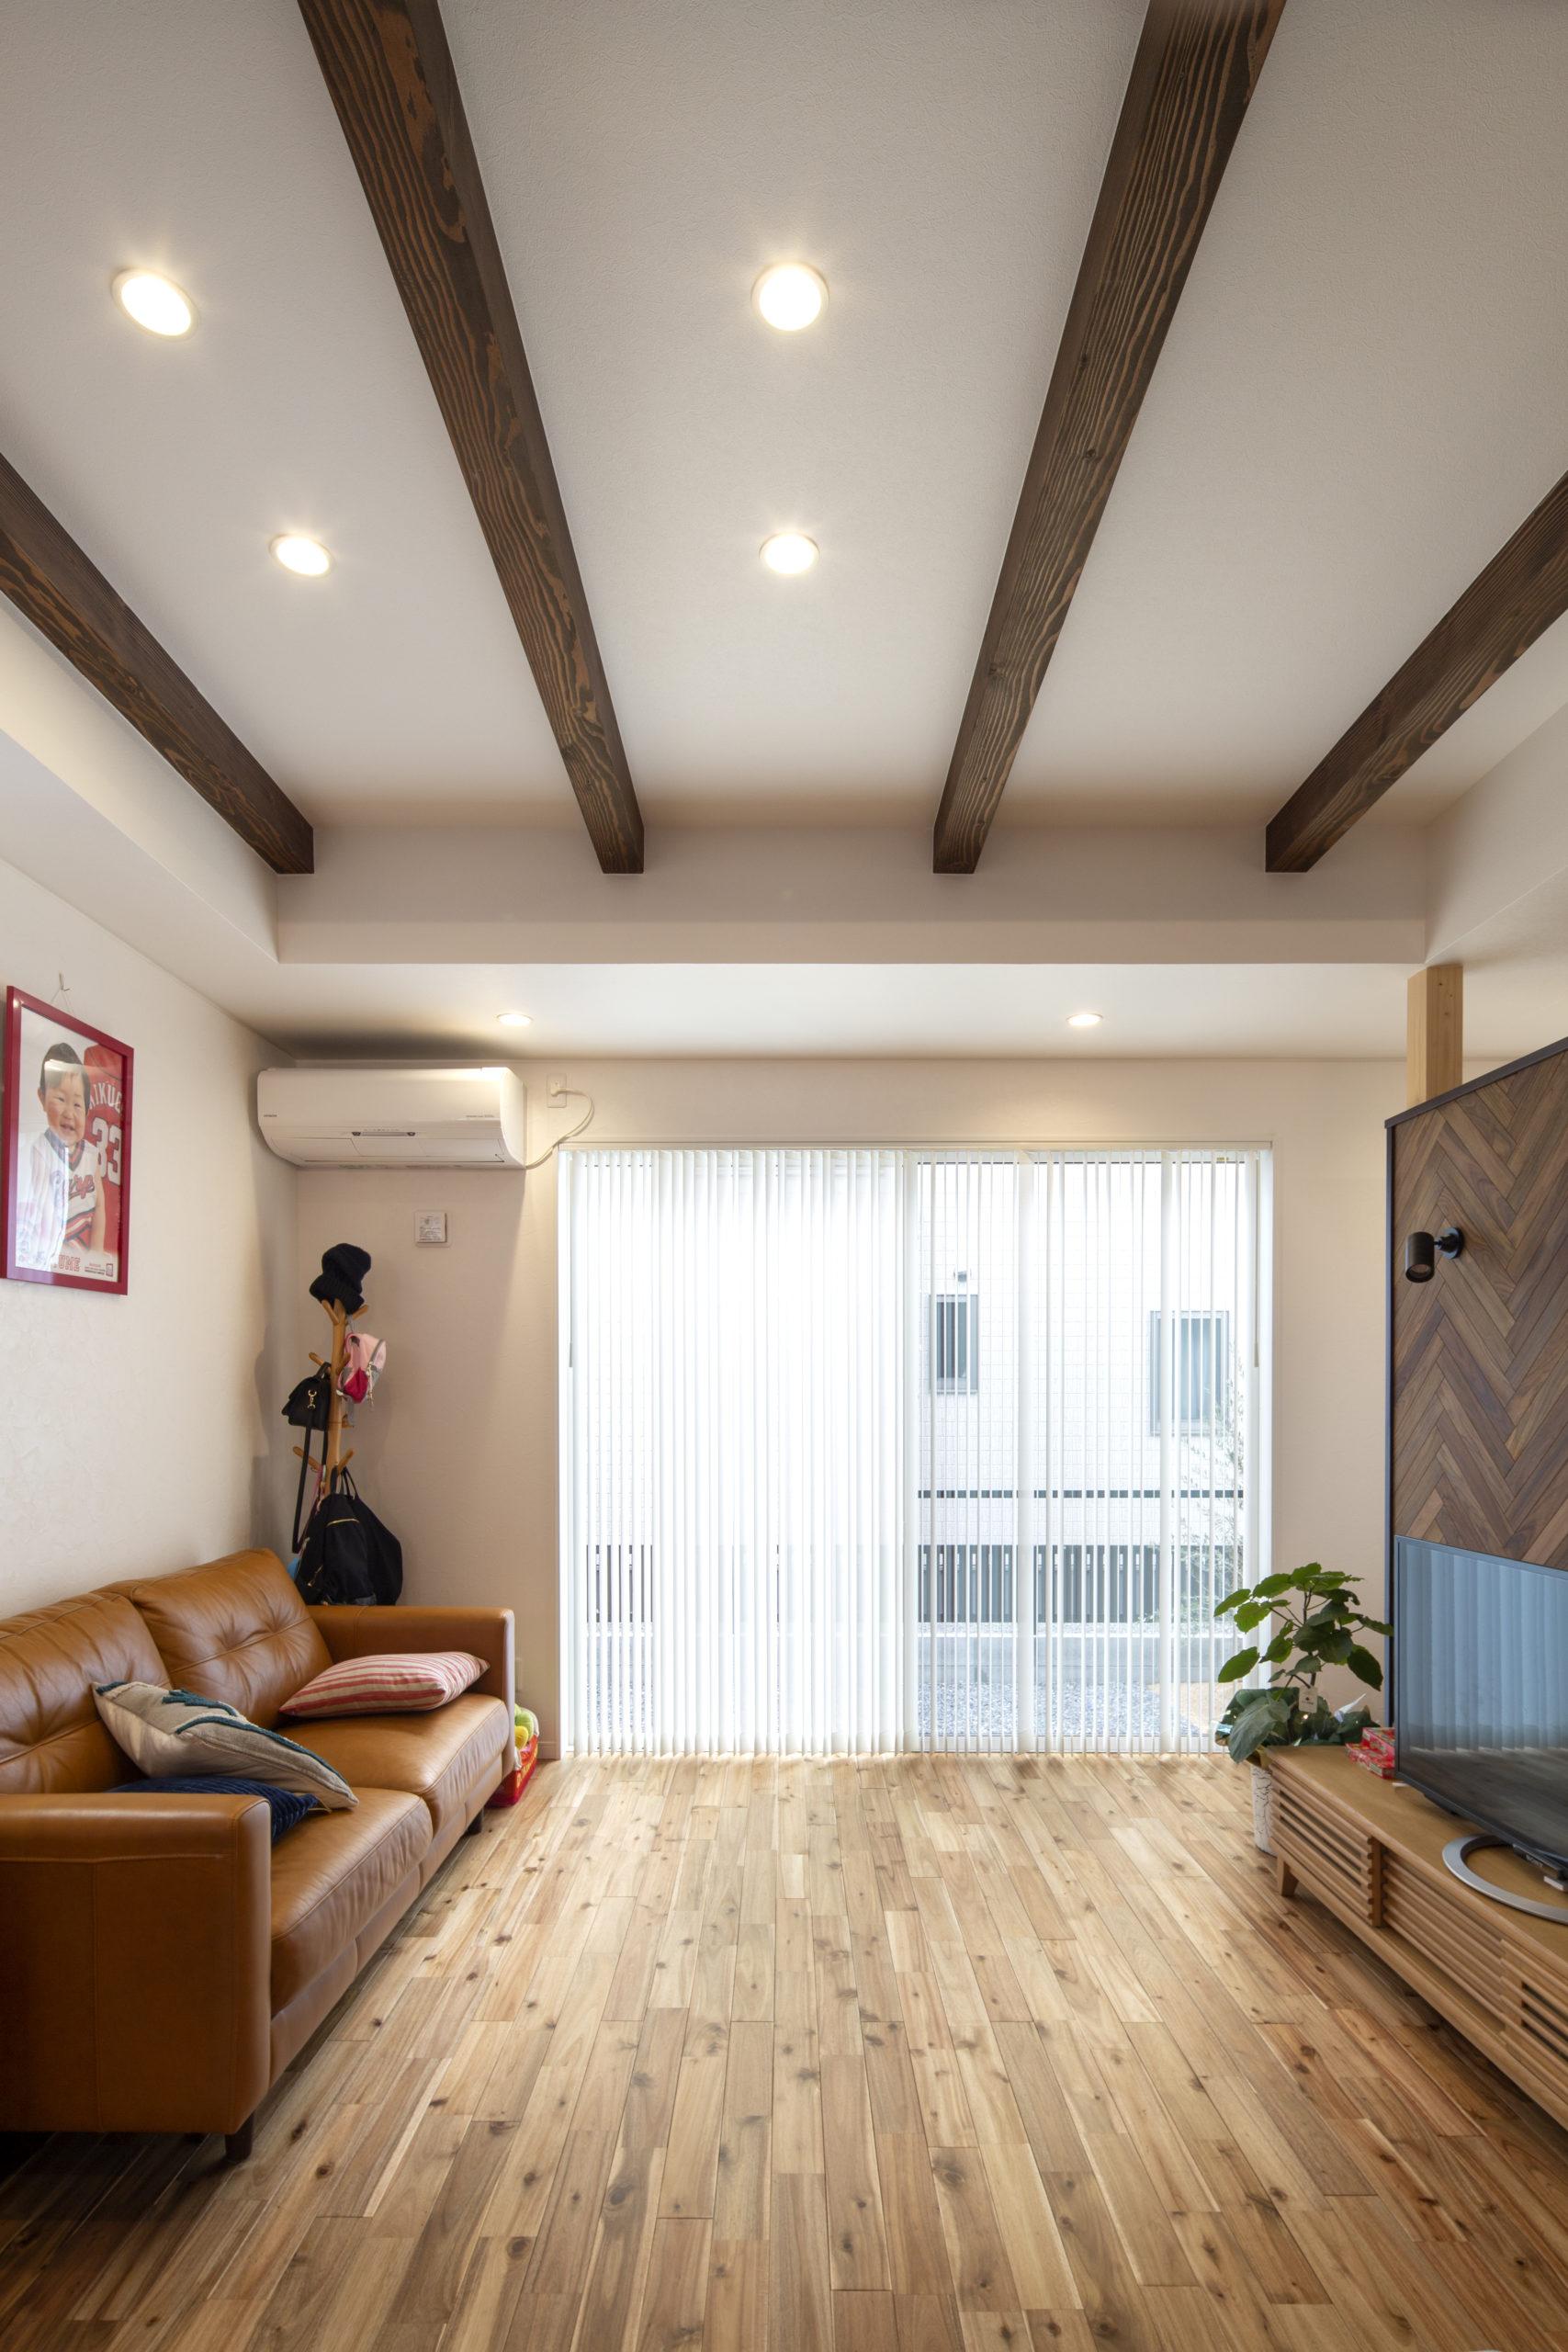 福山市の注文住宅|今井住建の施工事例ギャラリー「かっこよく見せたいならバーチカルブラインド」